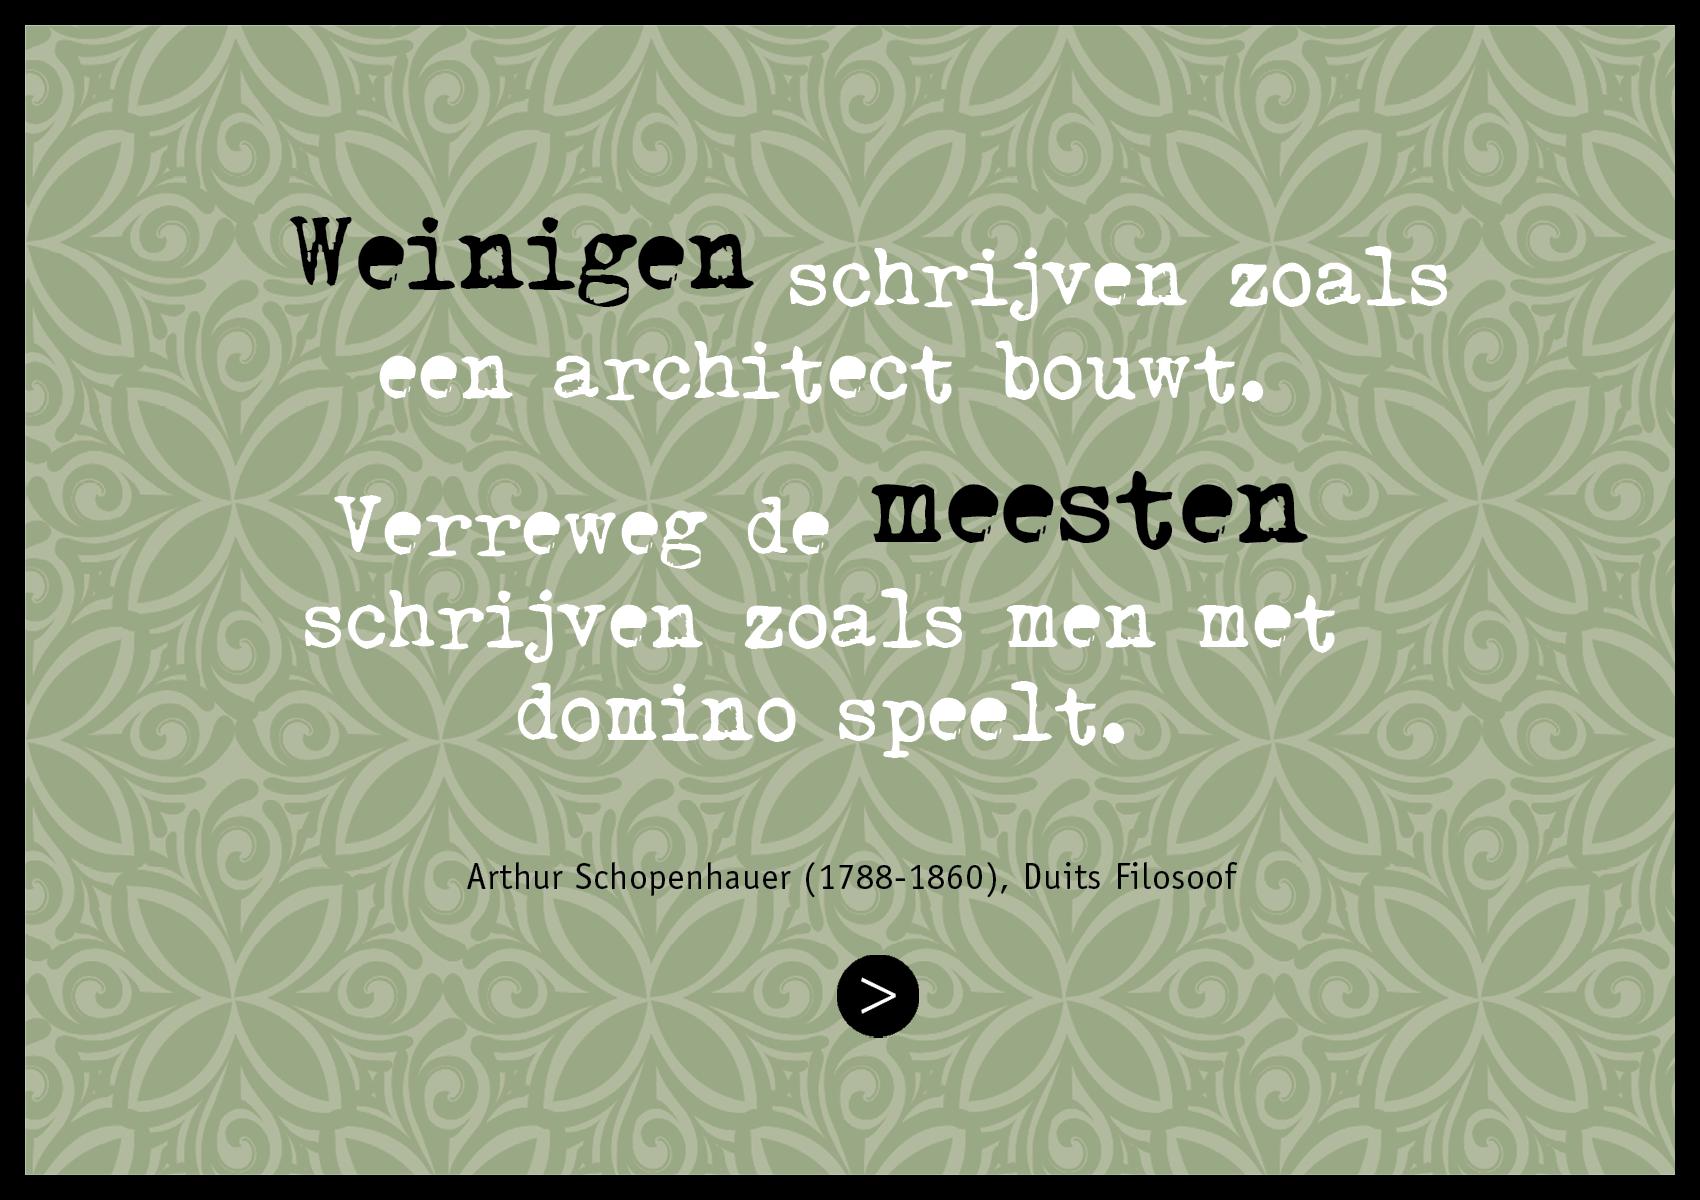 Advertentie met citaat Duits filosoof